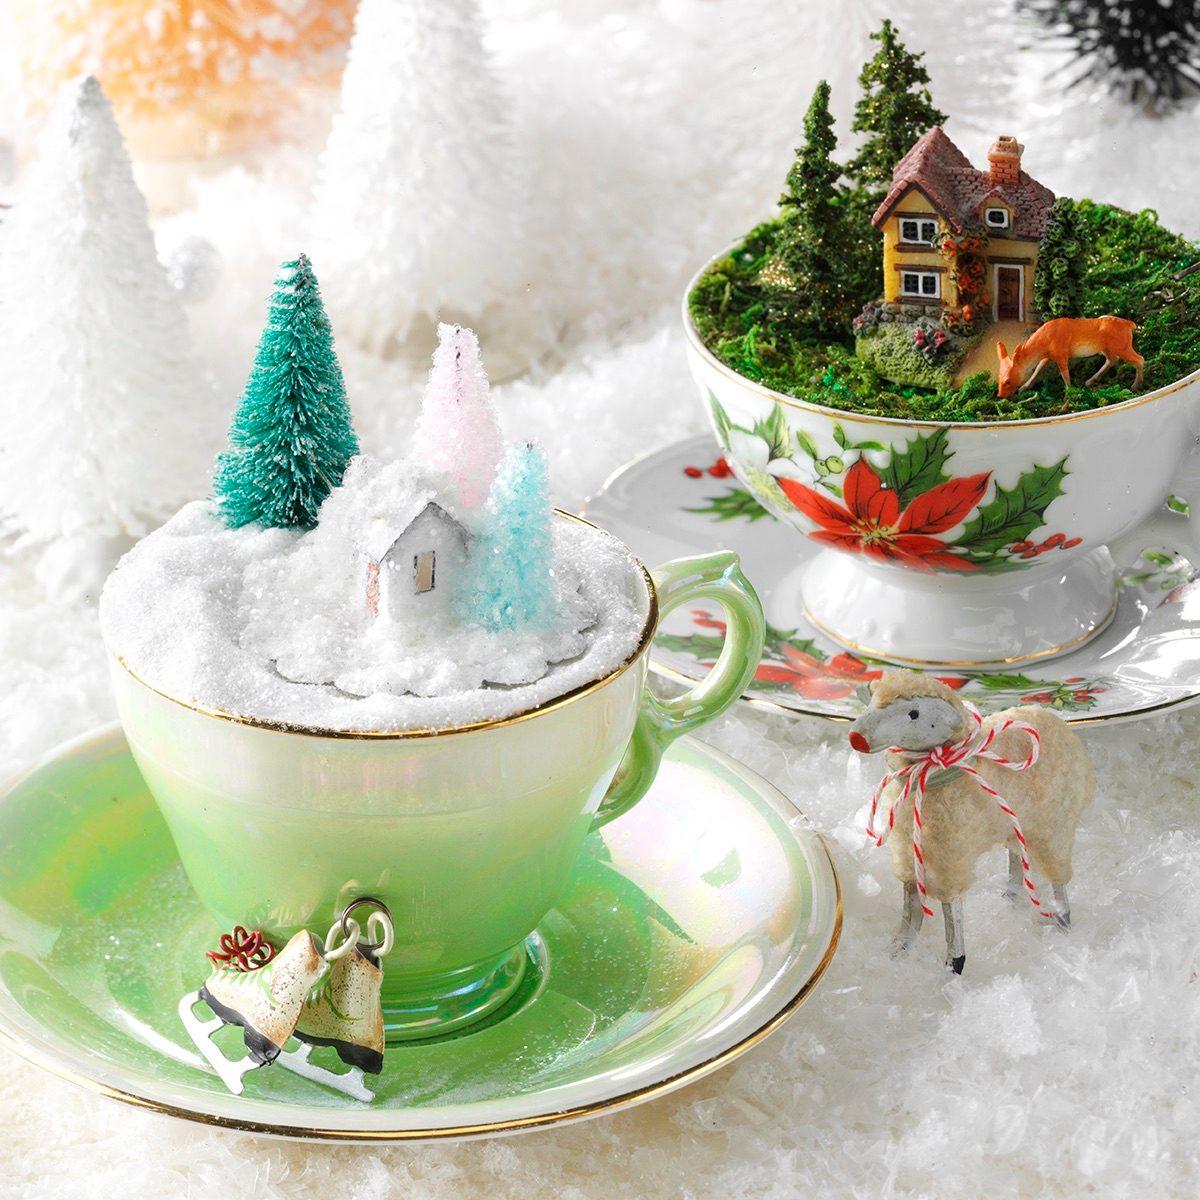 teacup display